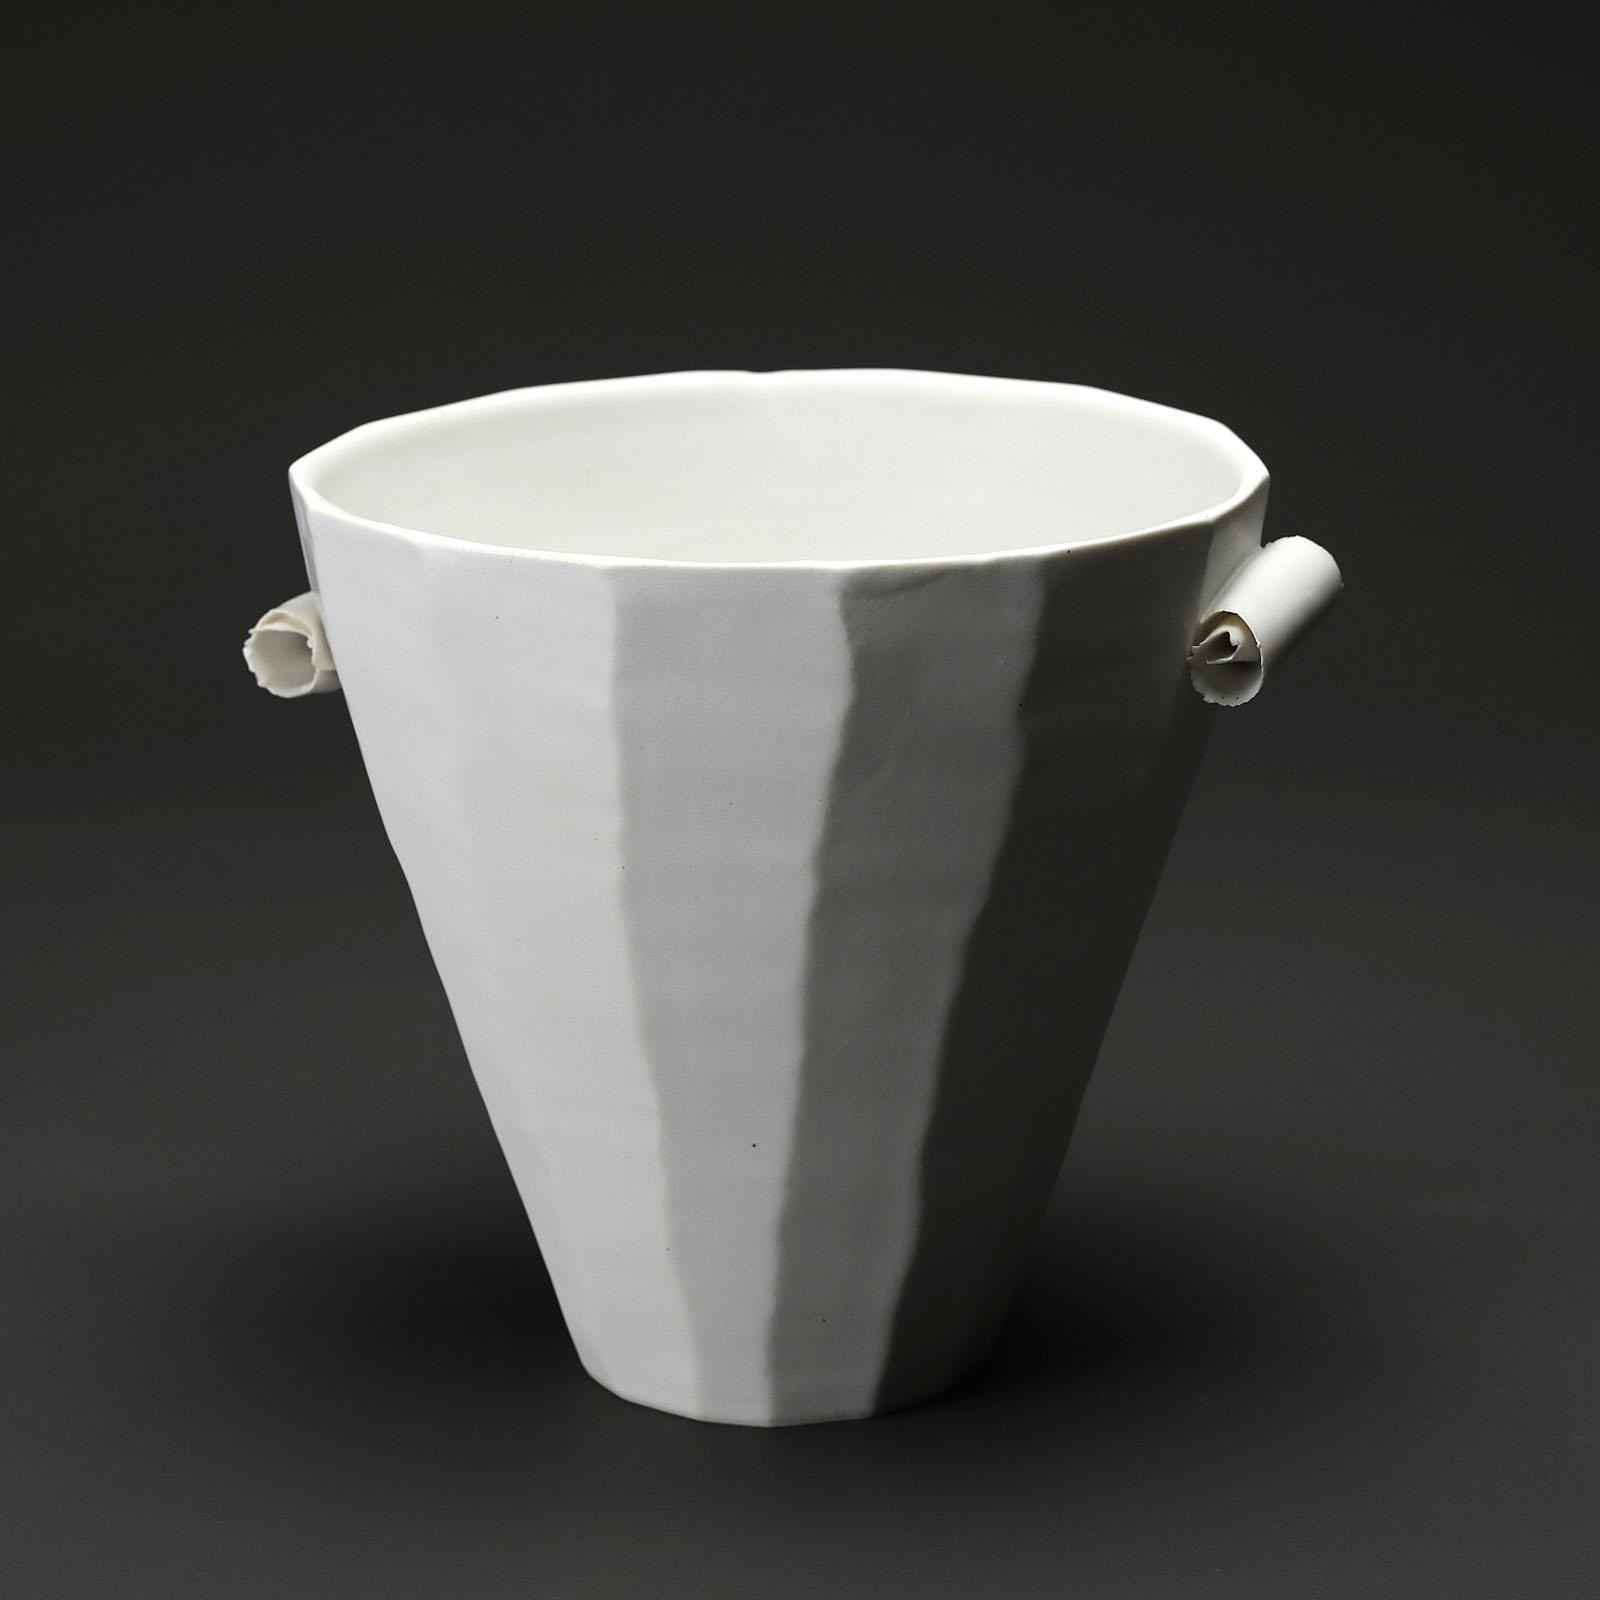 coupe v MM 110 en céramique, porcelaine émaillée blanc